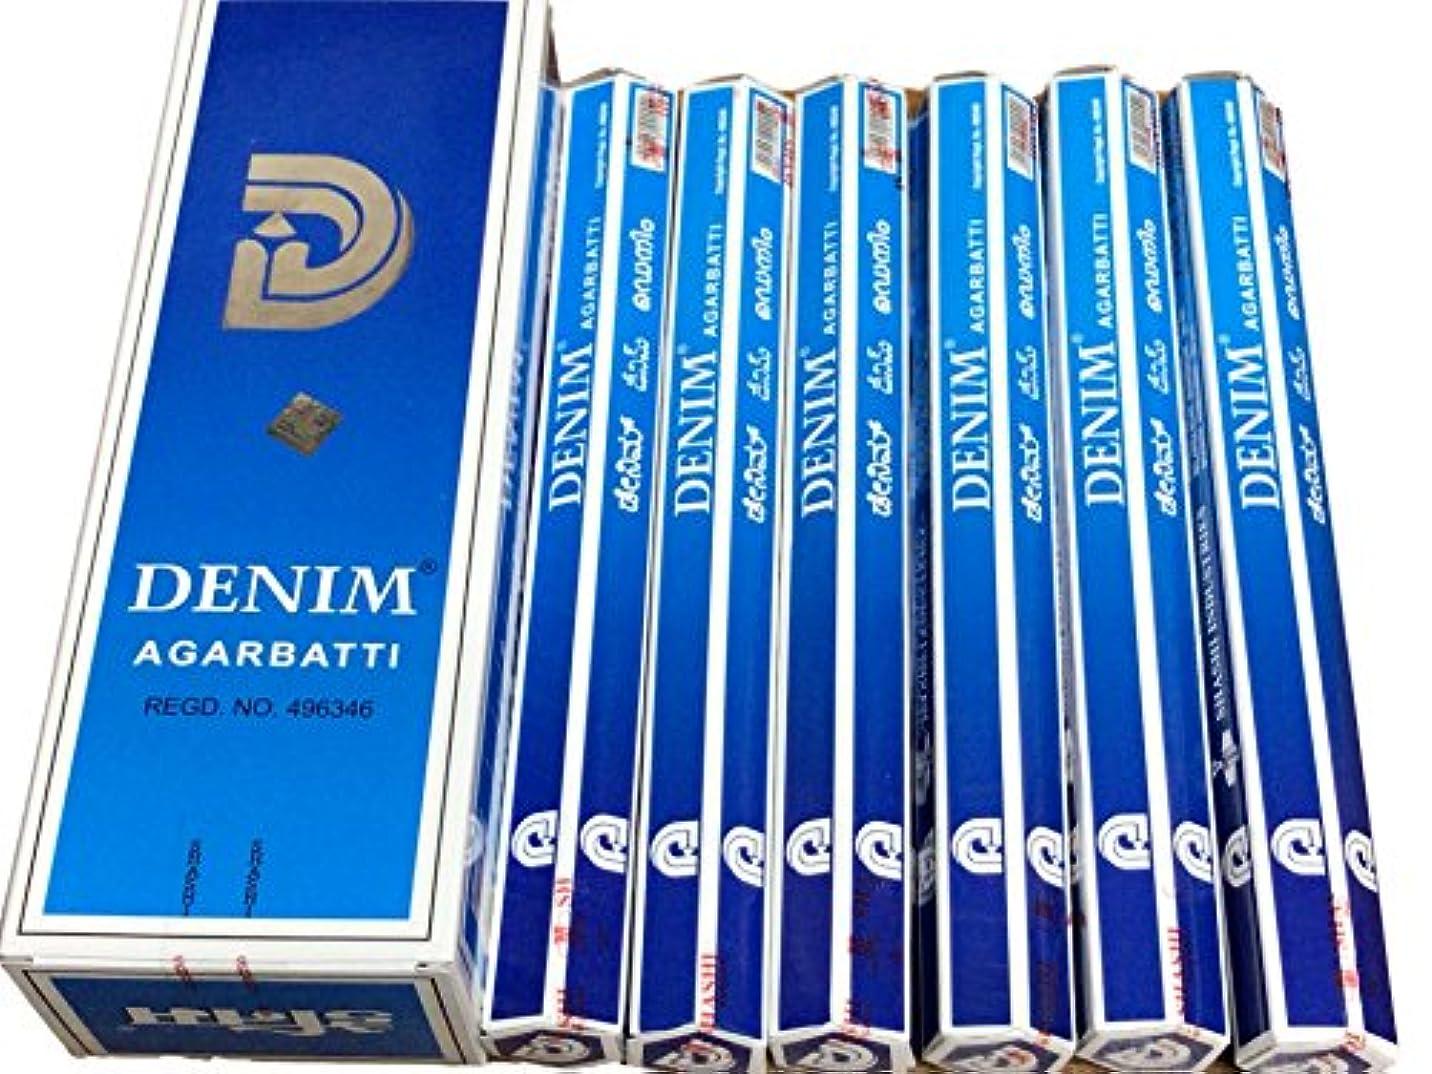 パズルご覧くださいミットSHASHI シャシ デニム DENIM デニム ステック お香 6本 セット